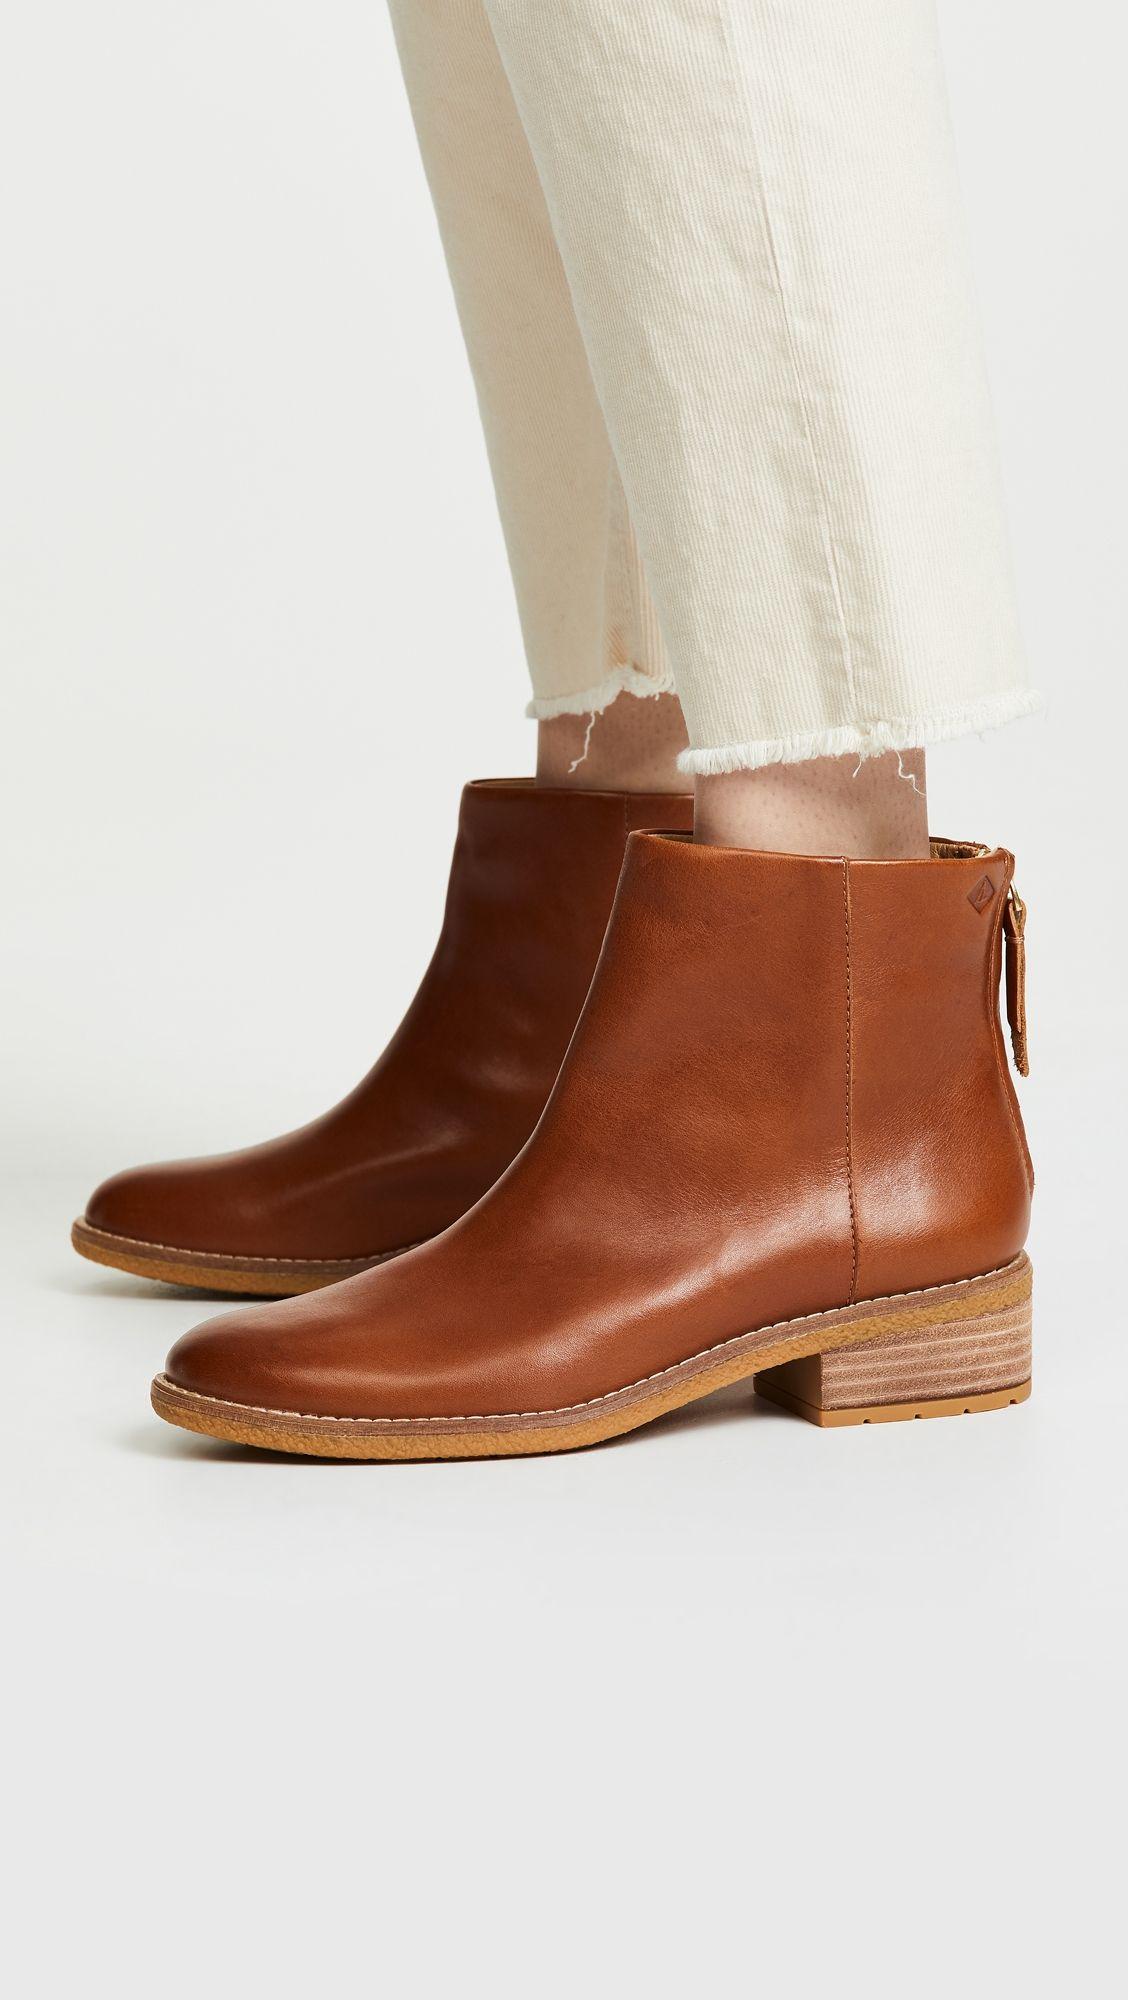 BELLA Ladies Leather Zip Up Boots Cognac